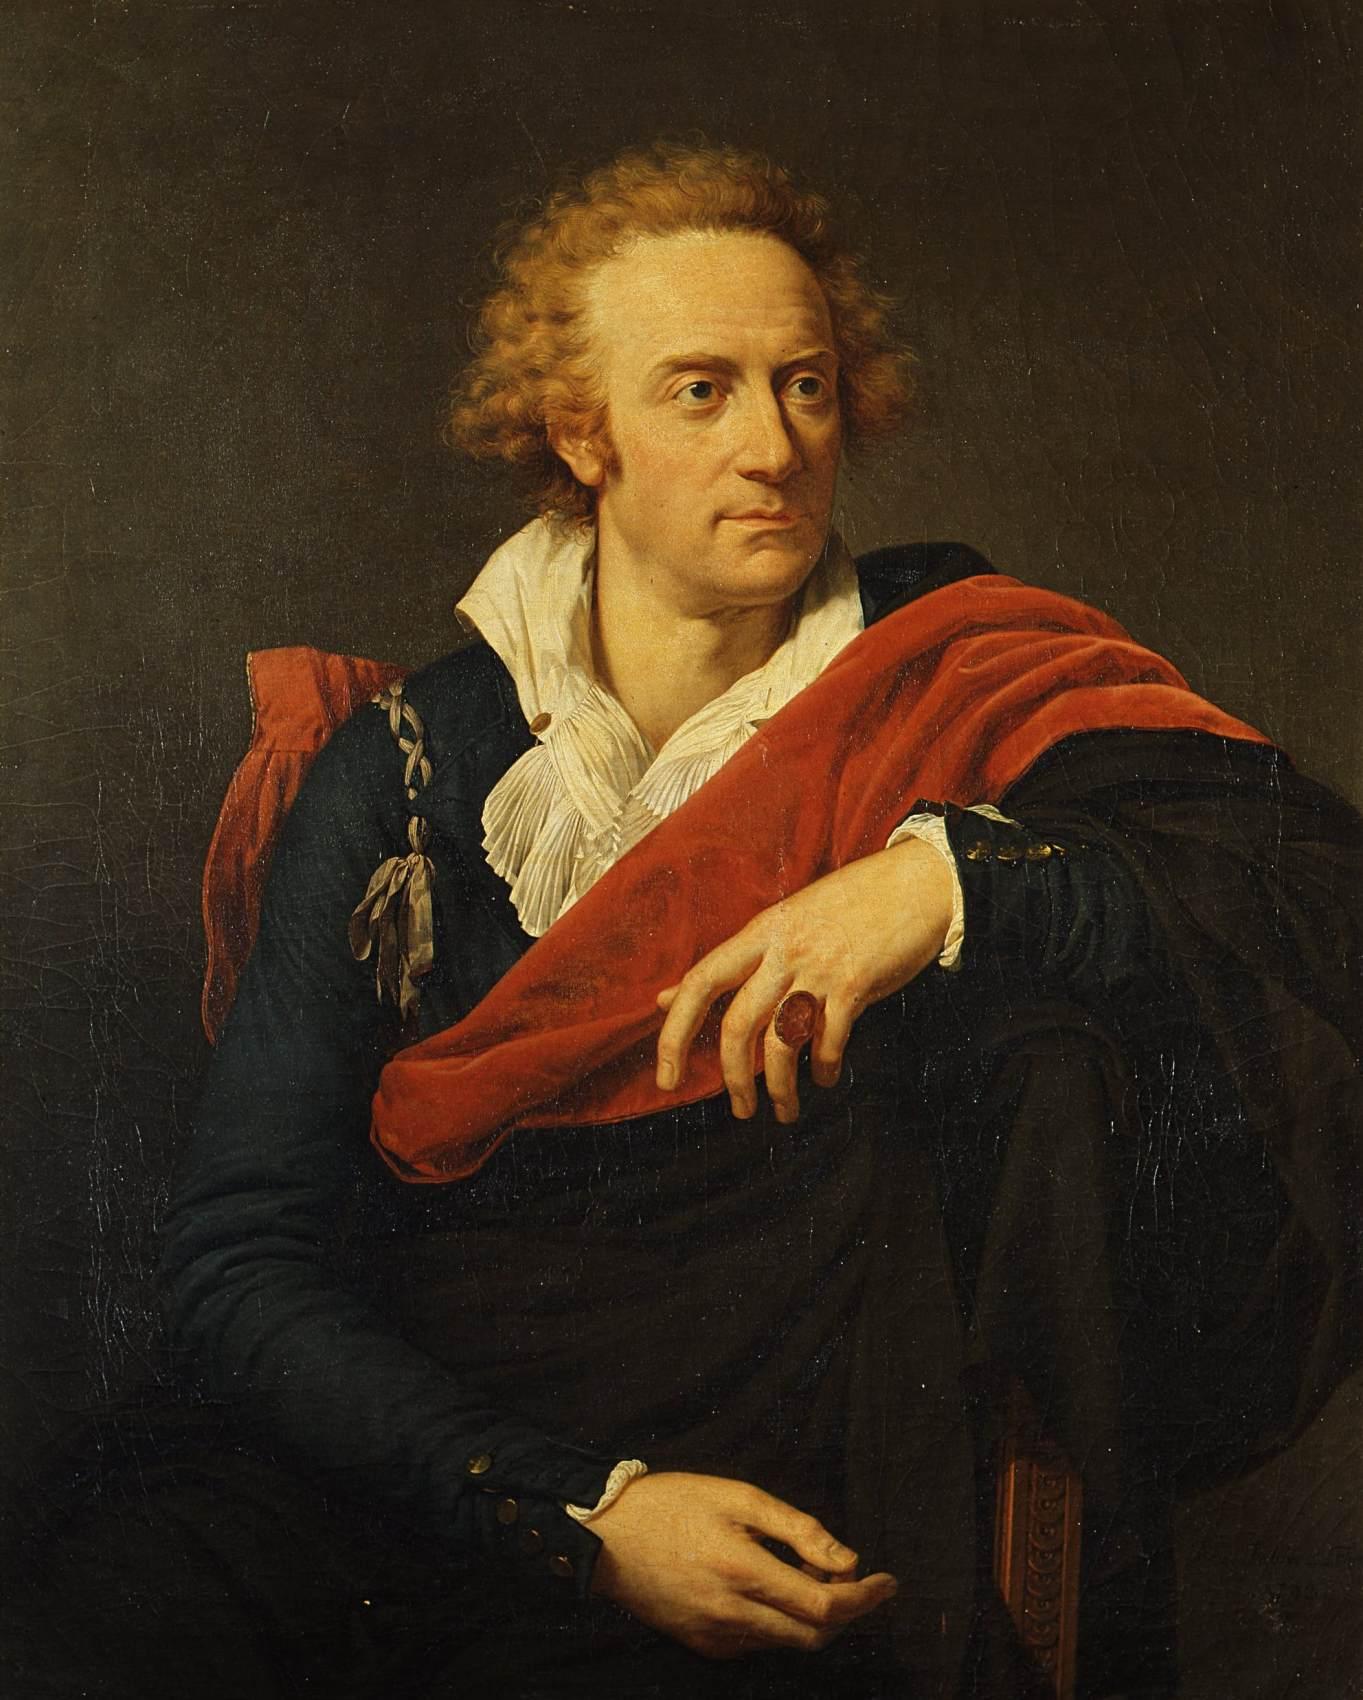 Buon compleanno vittorio alfieri 16 01 1749 - Sublime specchio di veraci detti ...